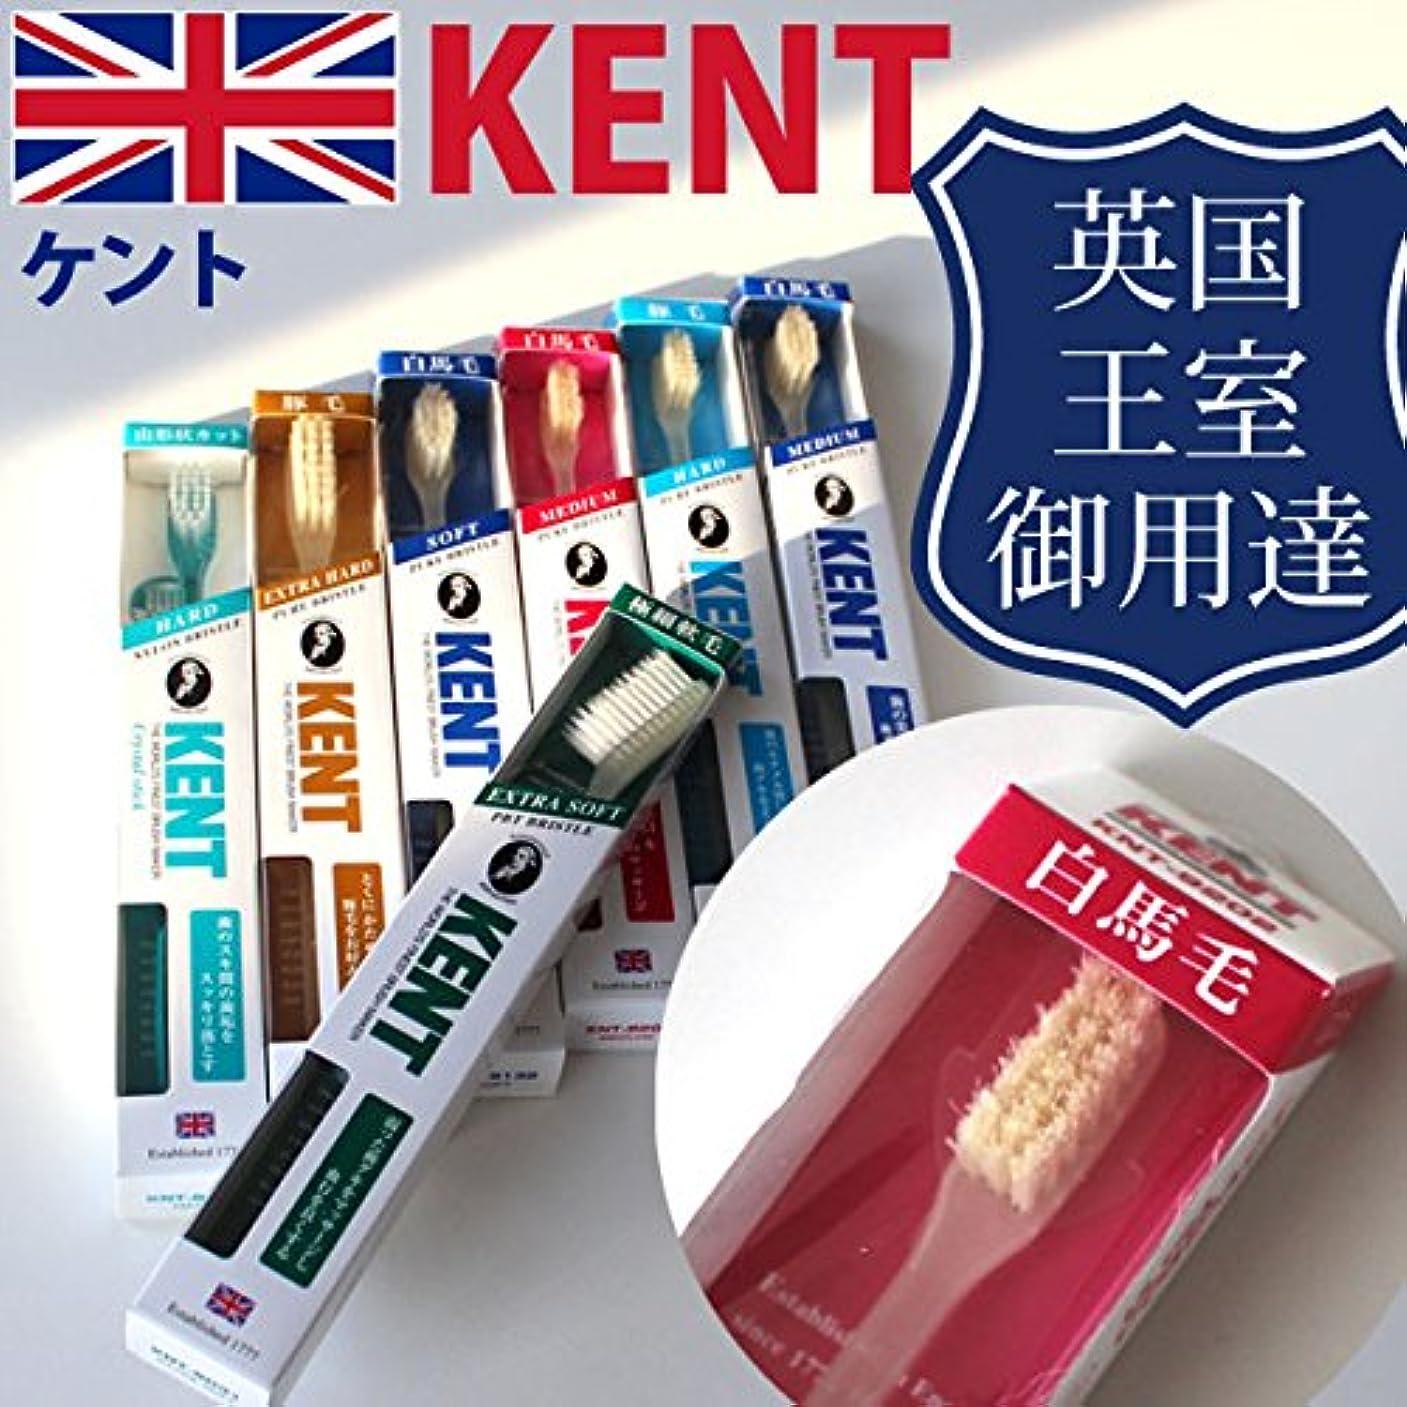 ケント KENT 白馬毛 超コンパクト歯ブラシ KNT-9102/9202 6本入り 他のコンパクトヘッドに比べて歯 ふつう